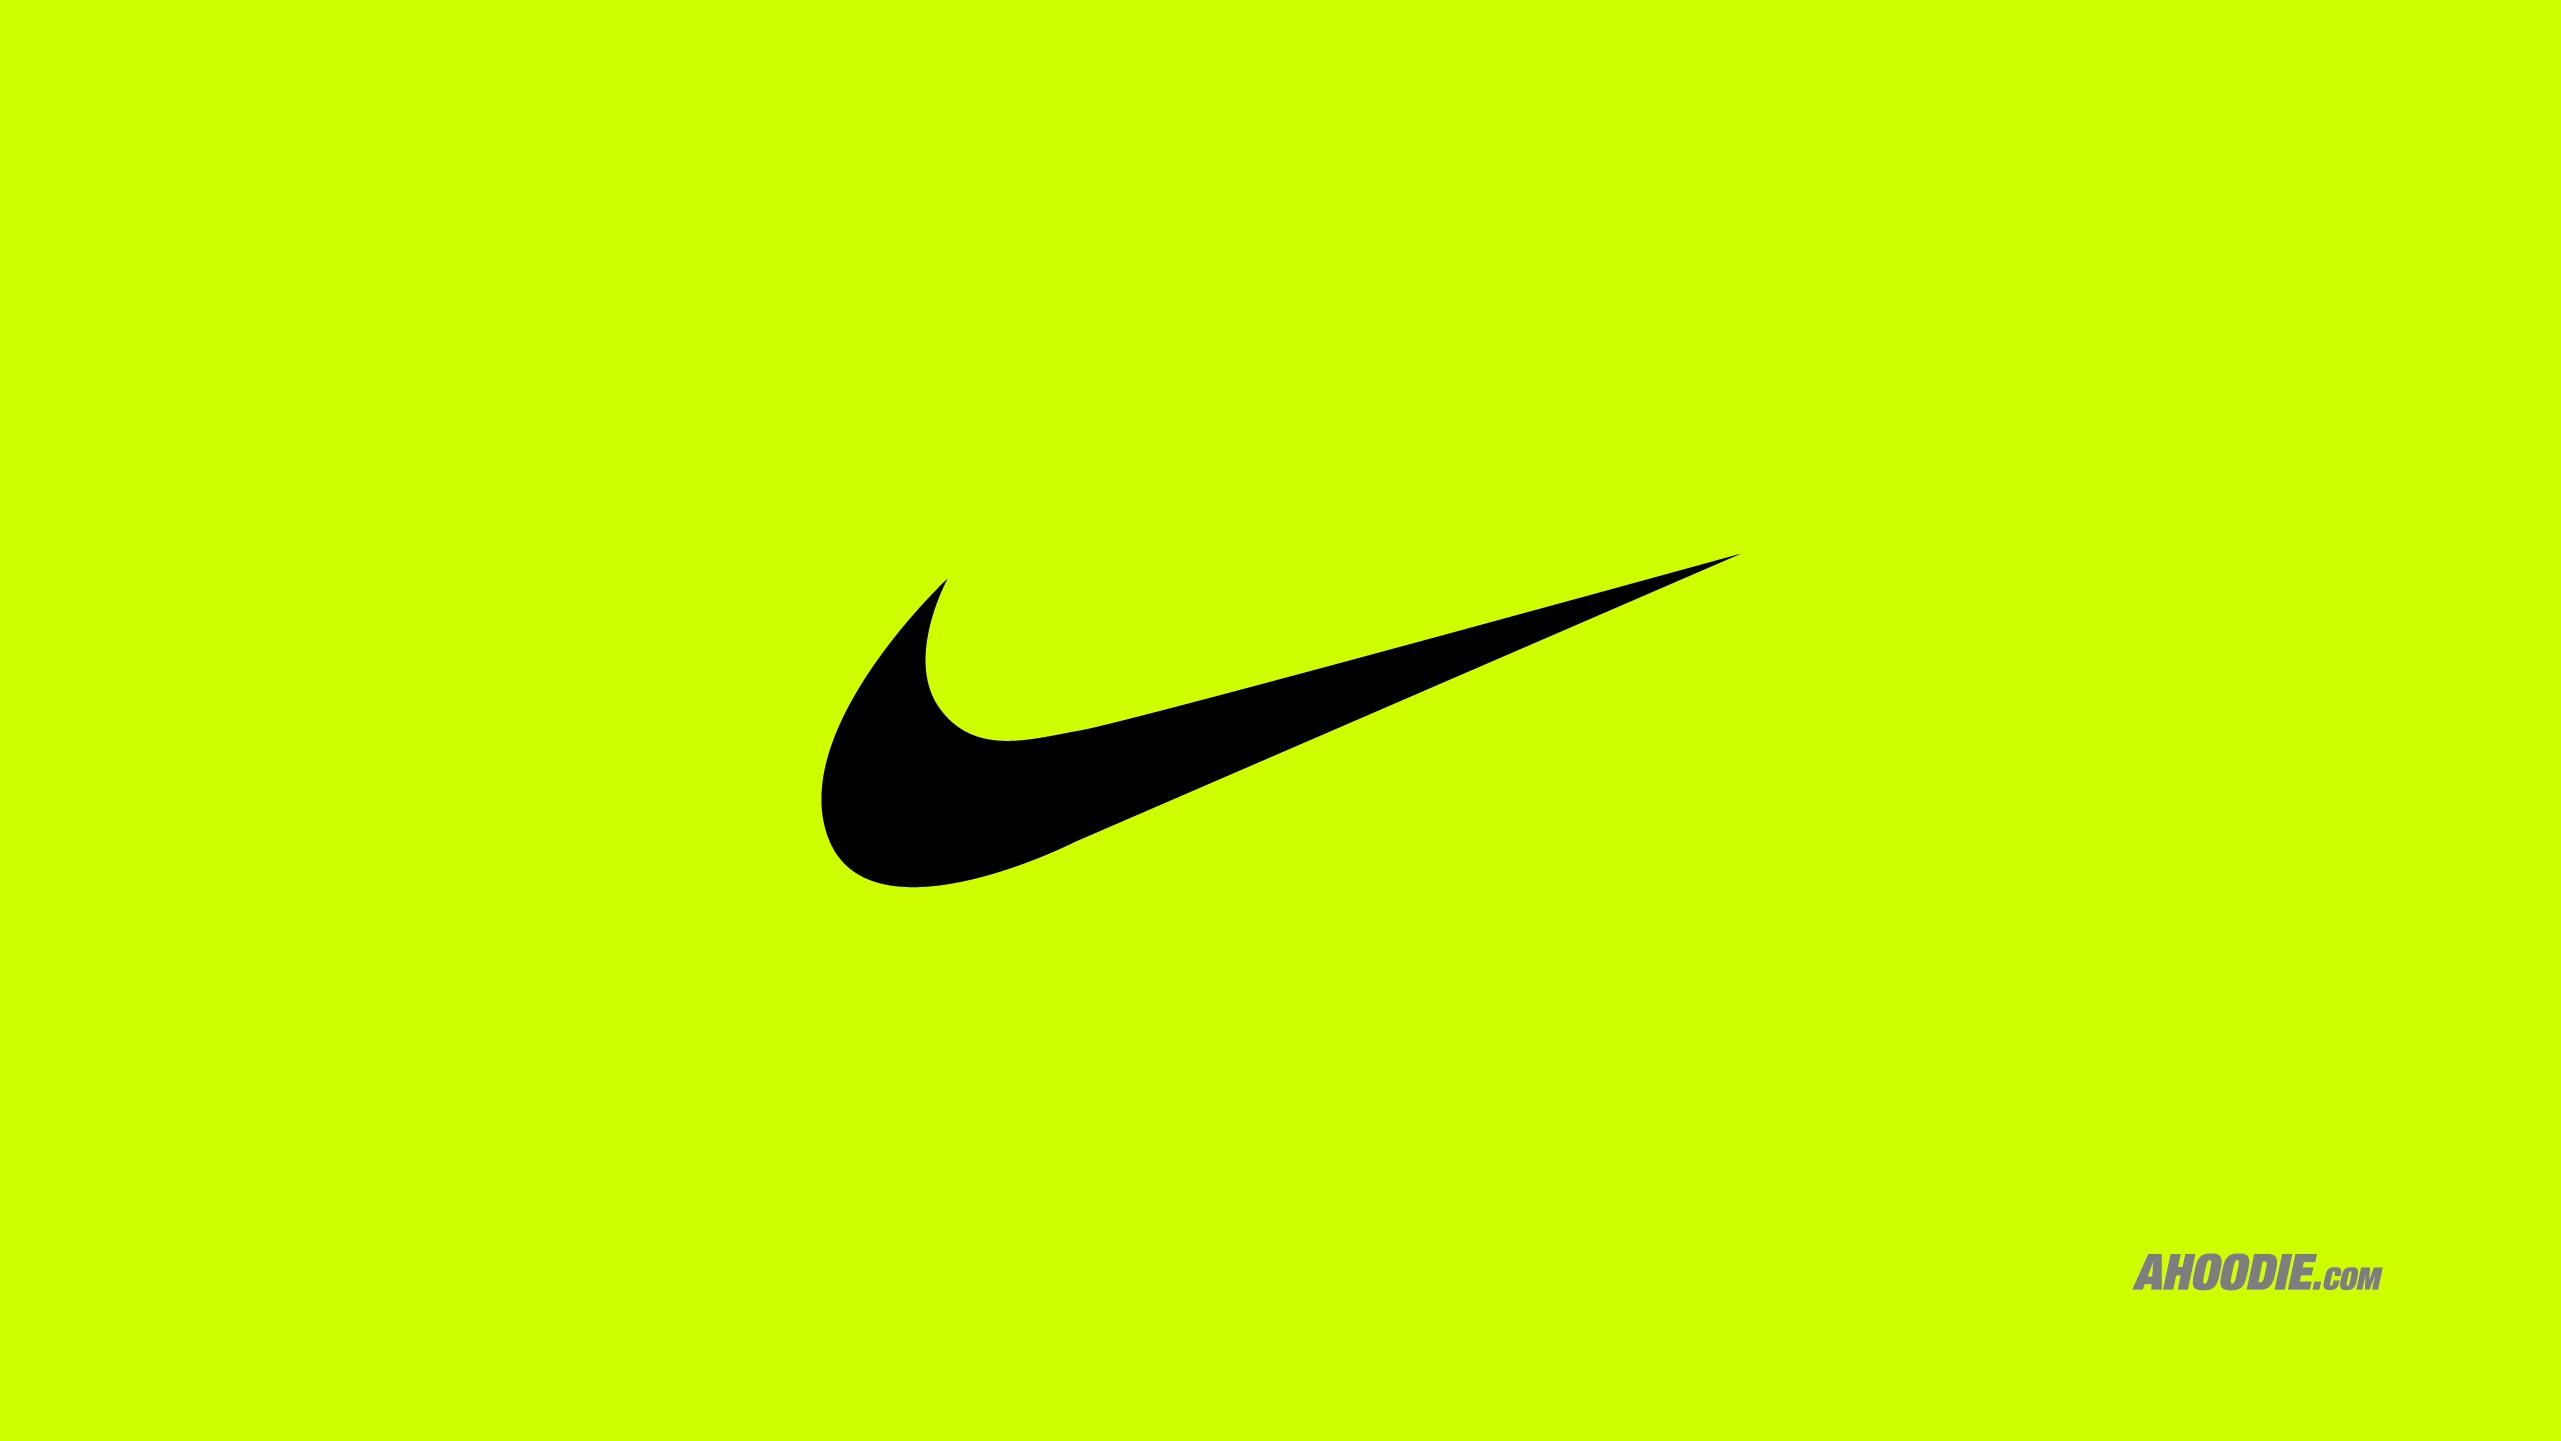 Ahoodie Nike swoosh 2561x1441